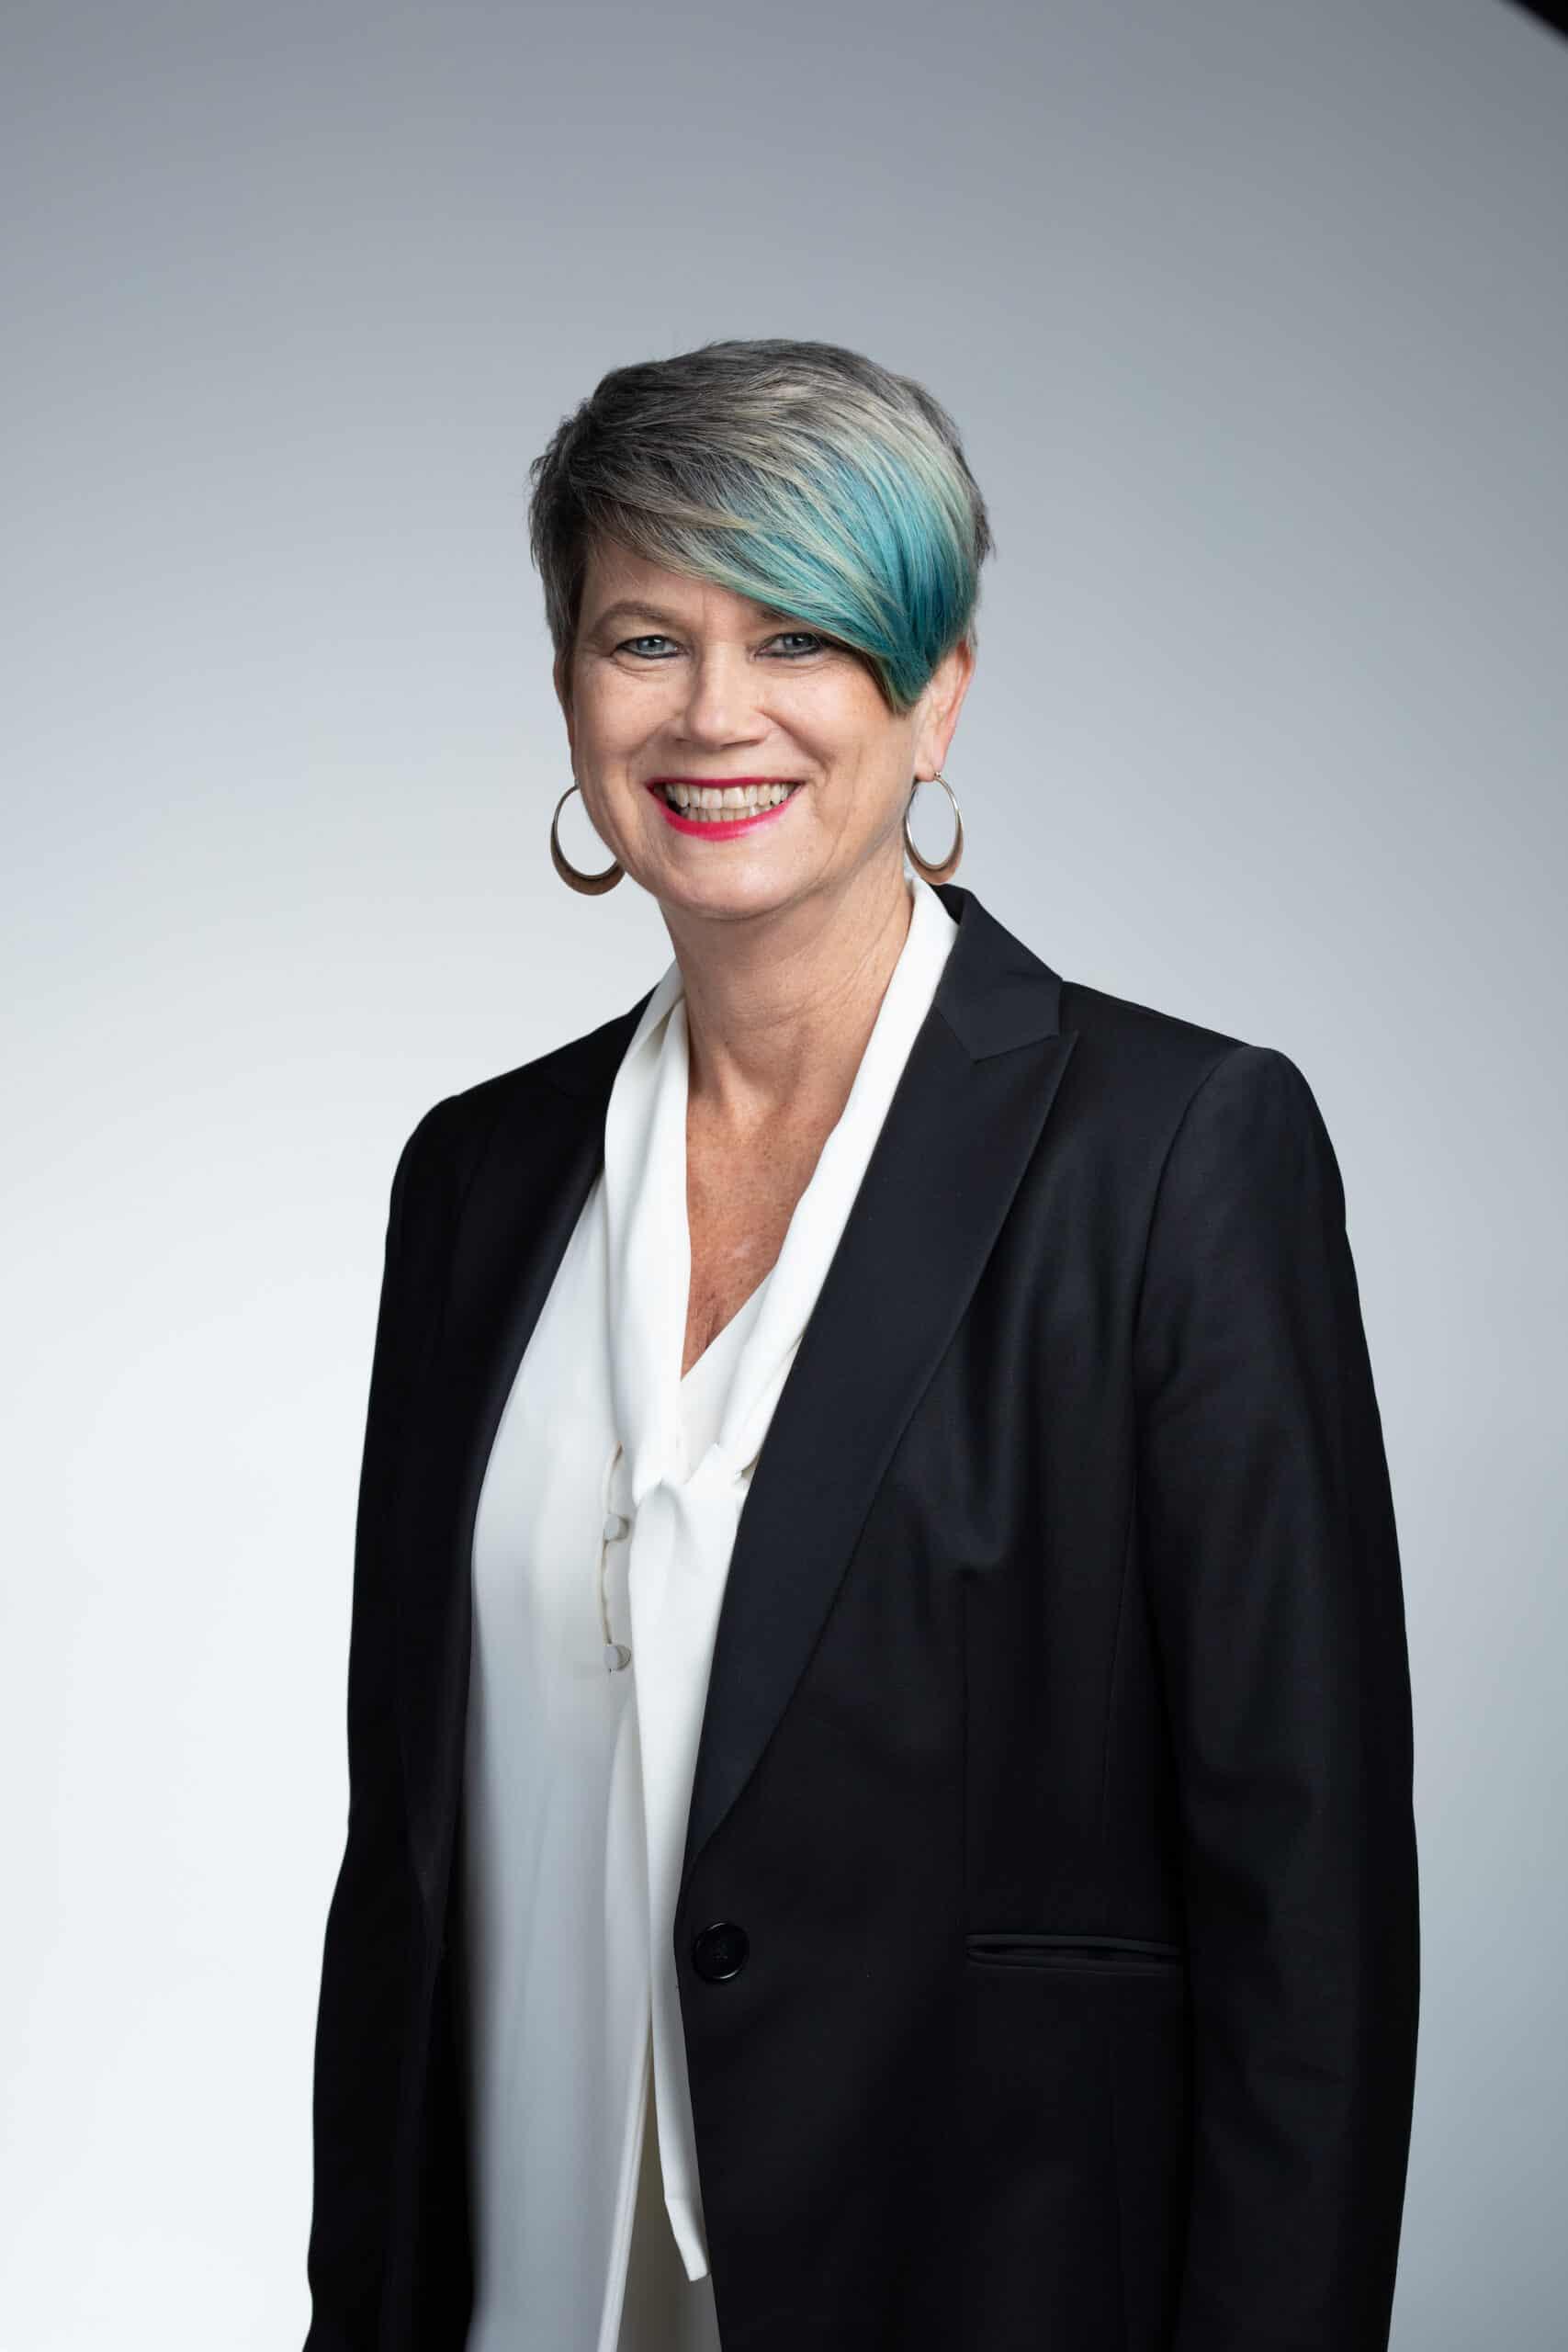 Heidi Hefferlin